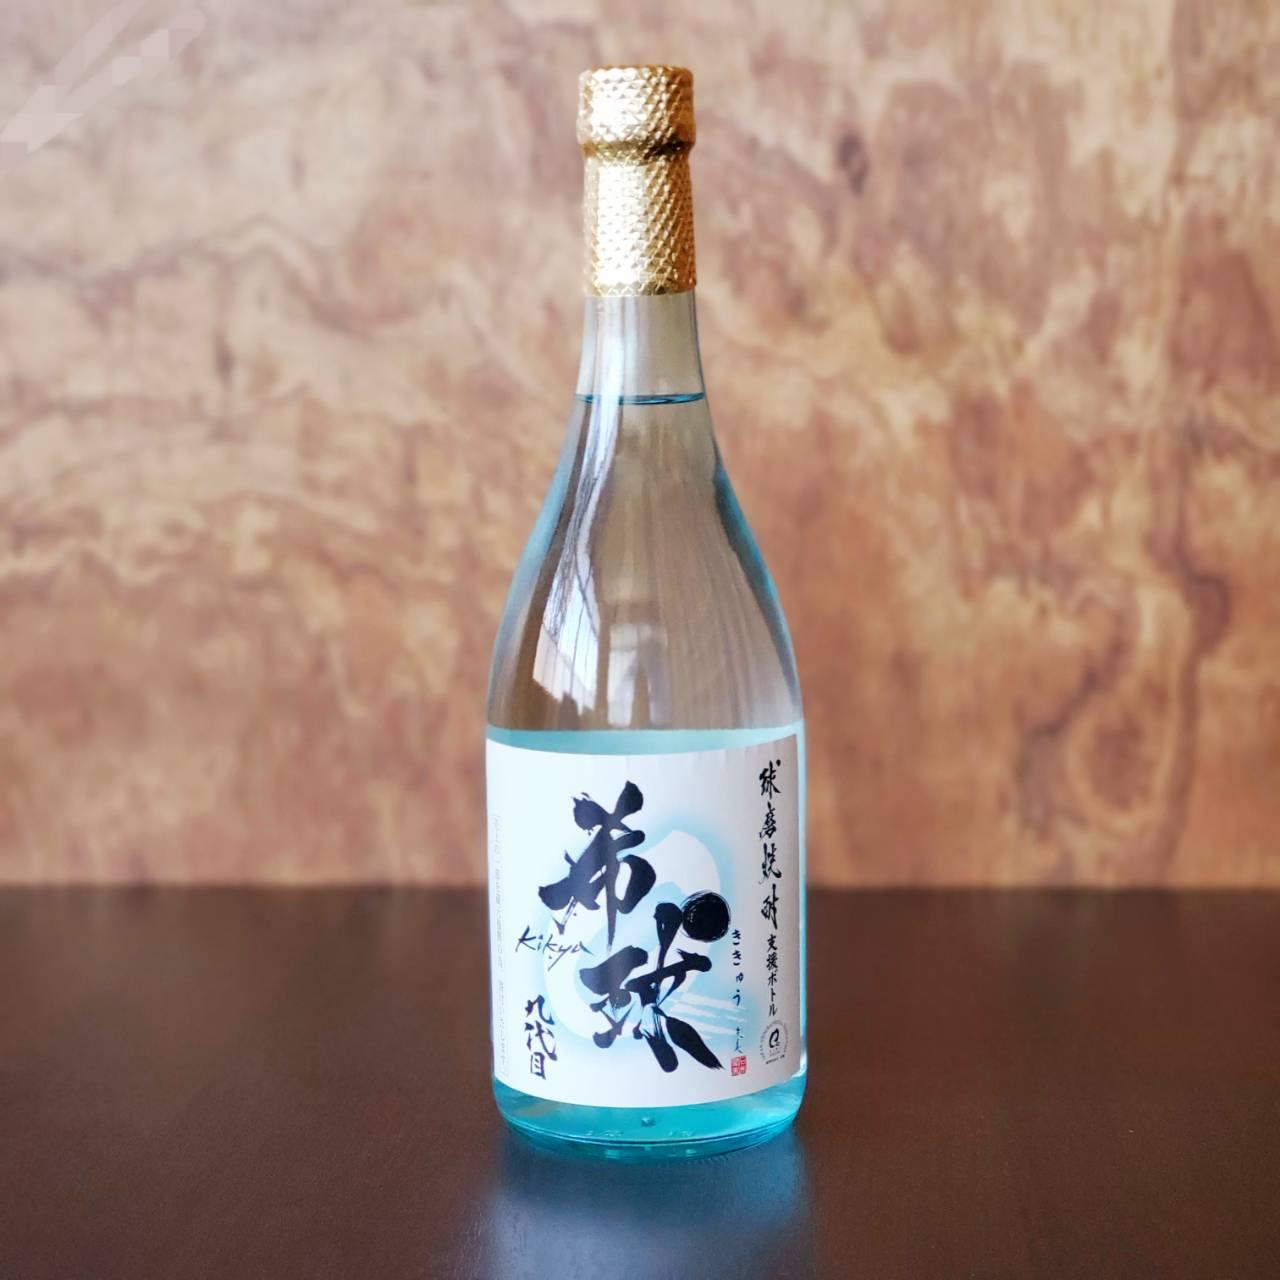 希球ボトル九代目|熊本県人吉市球磨郡米焼酎のトップブランド球磨焼酎酒造組合